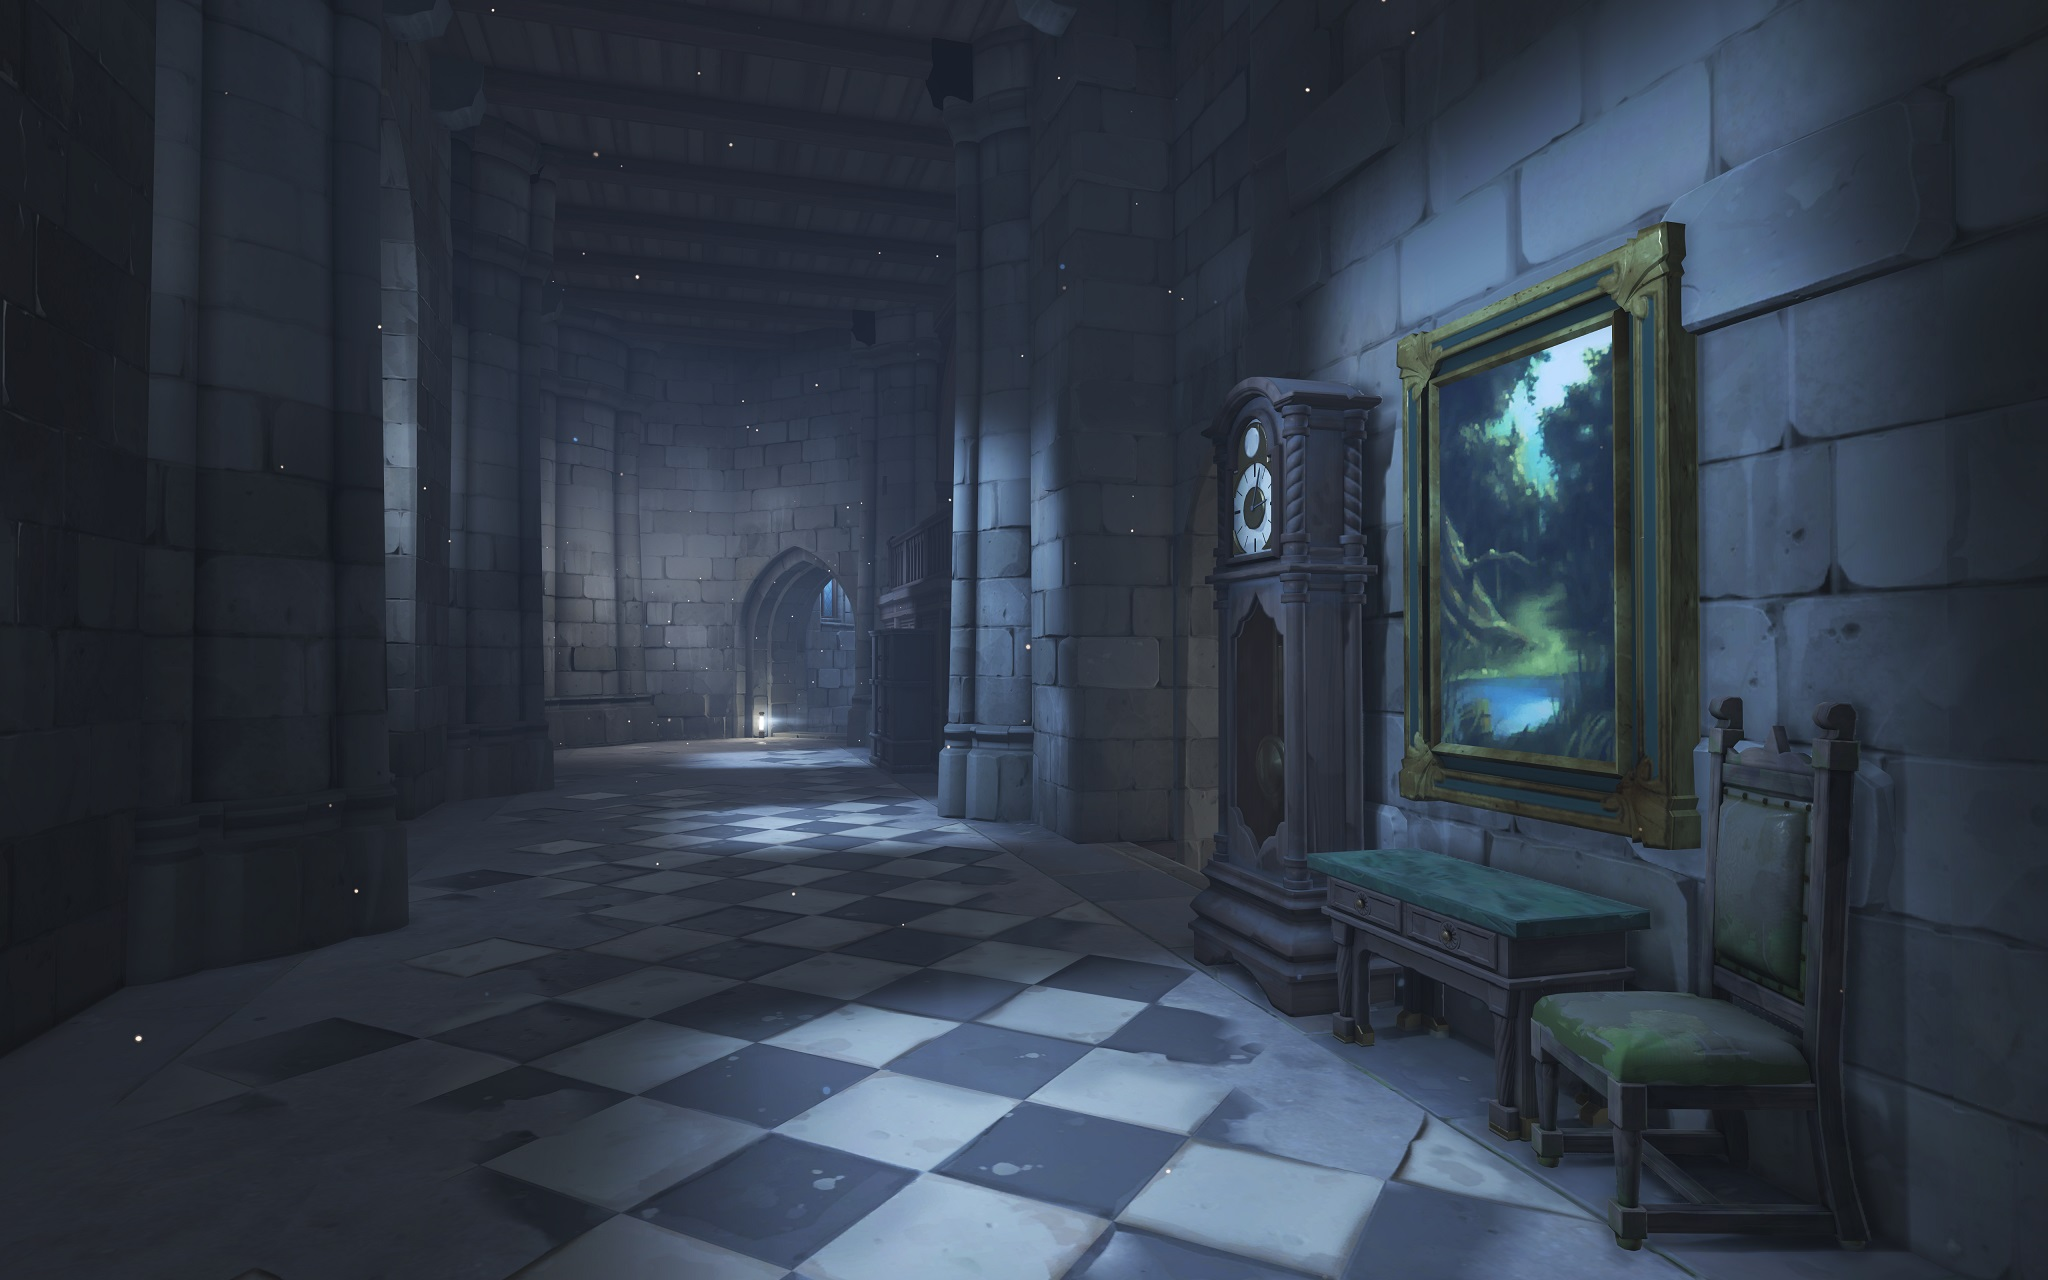 Nová mapa pro Overwatch nás zavede do hradu a přilehlého městečka v Německu 128673